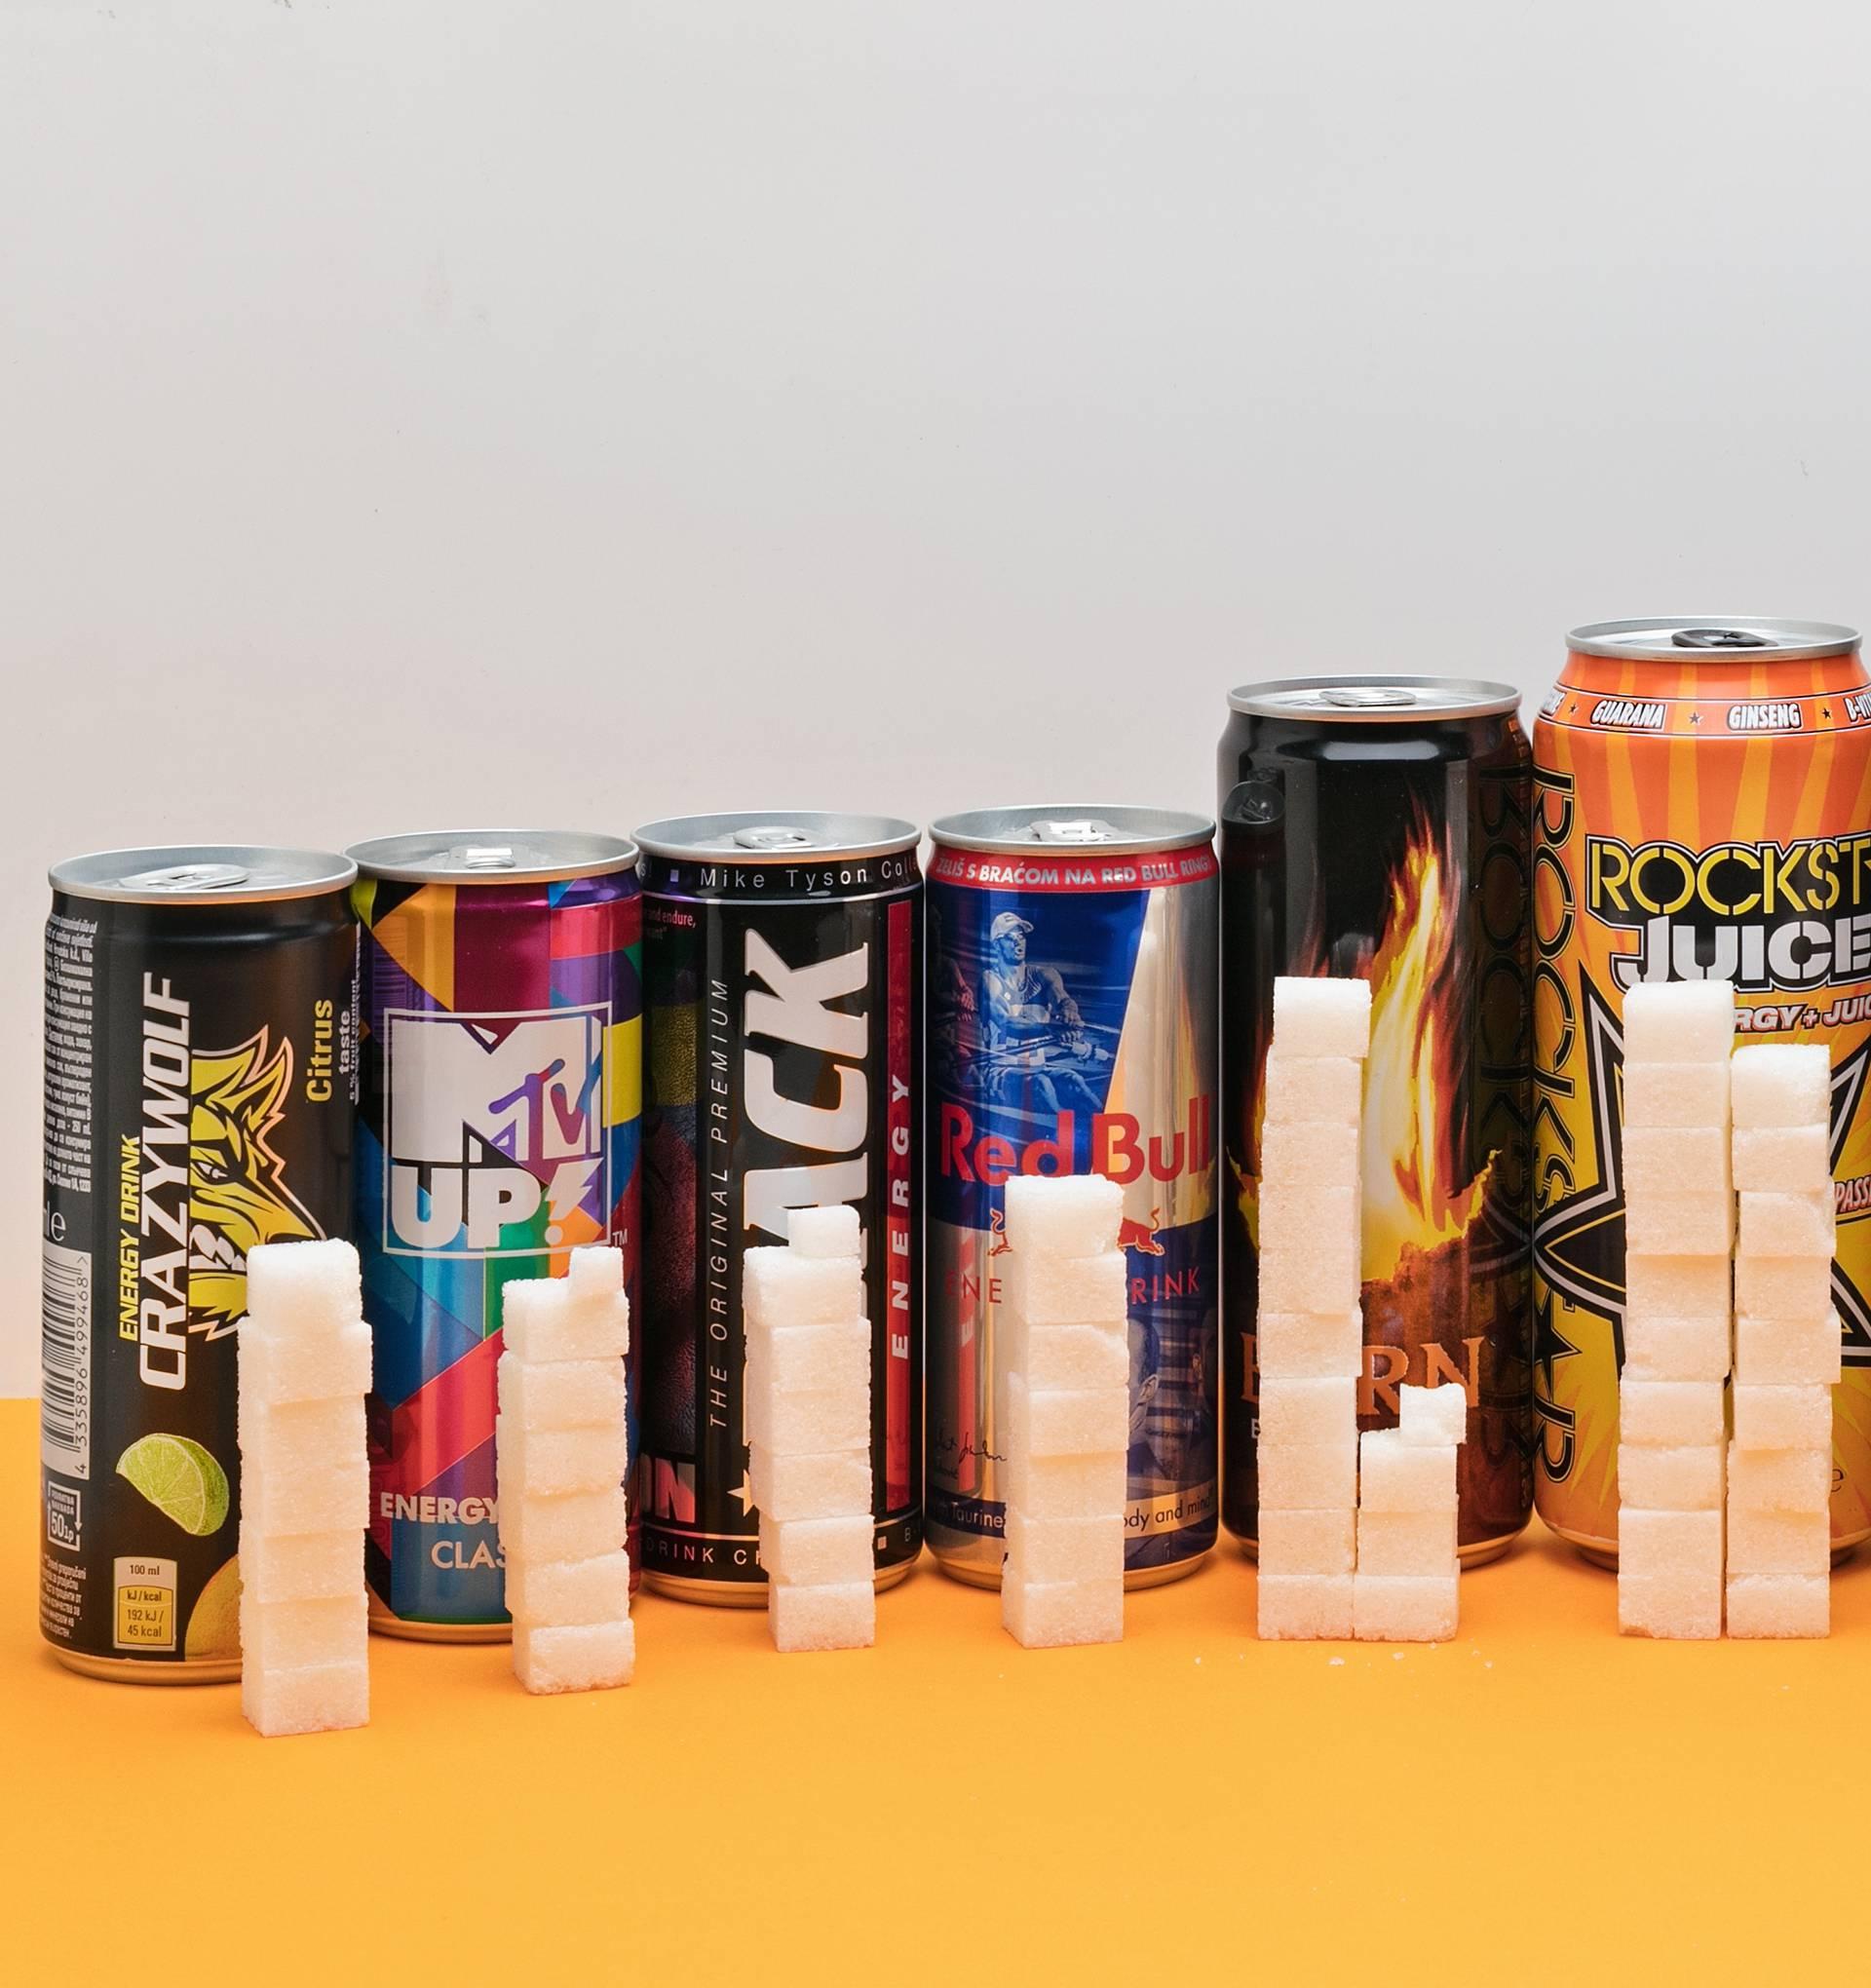 Zaslađene 'bombe': Energetski napici imaju do 18 kocki šećera